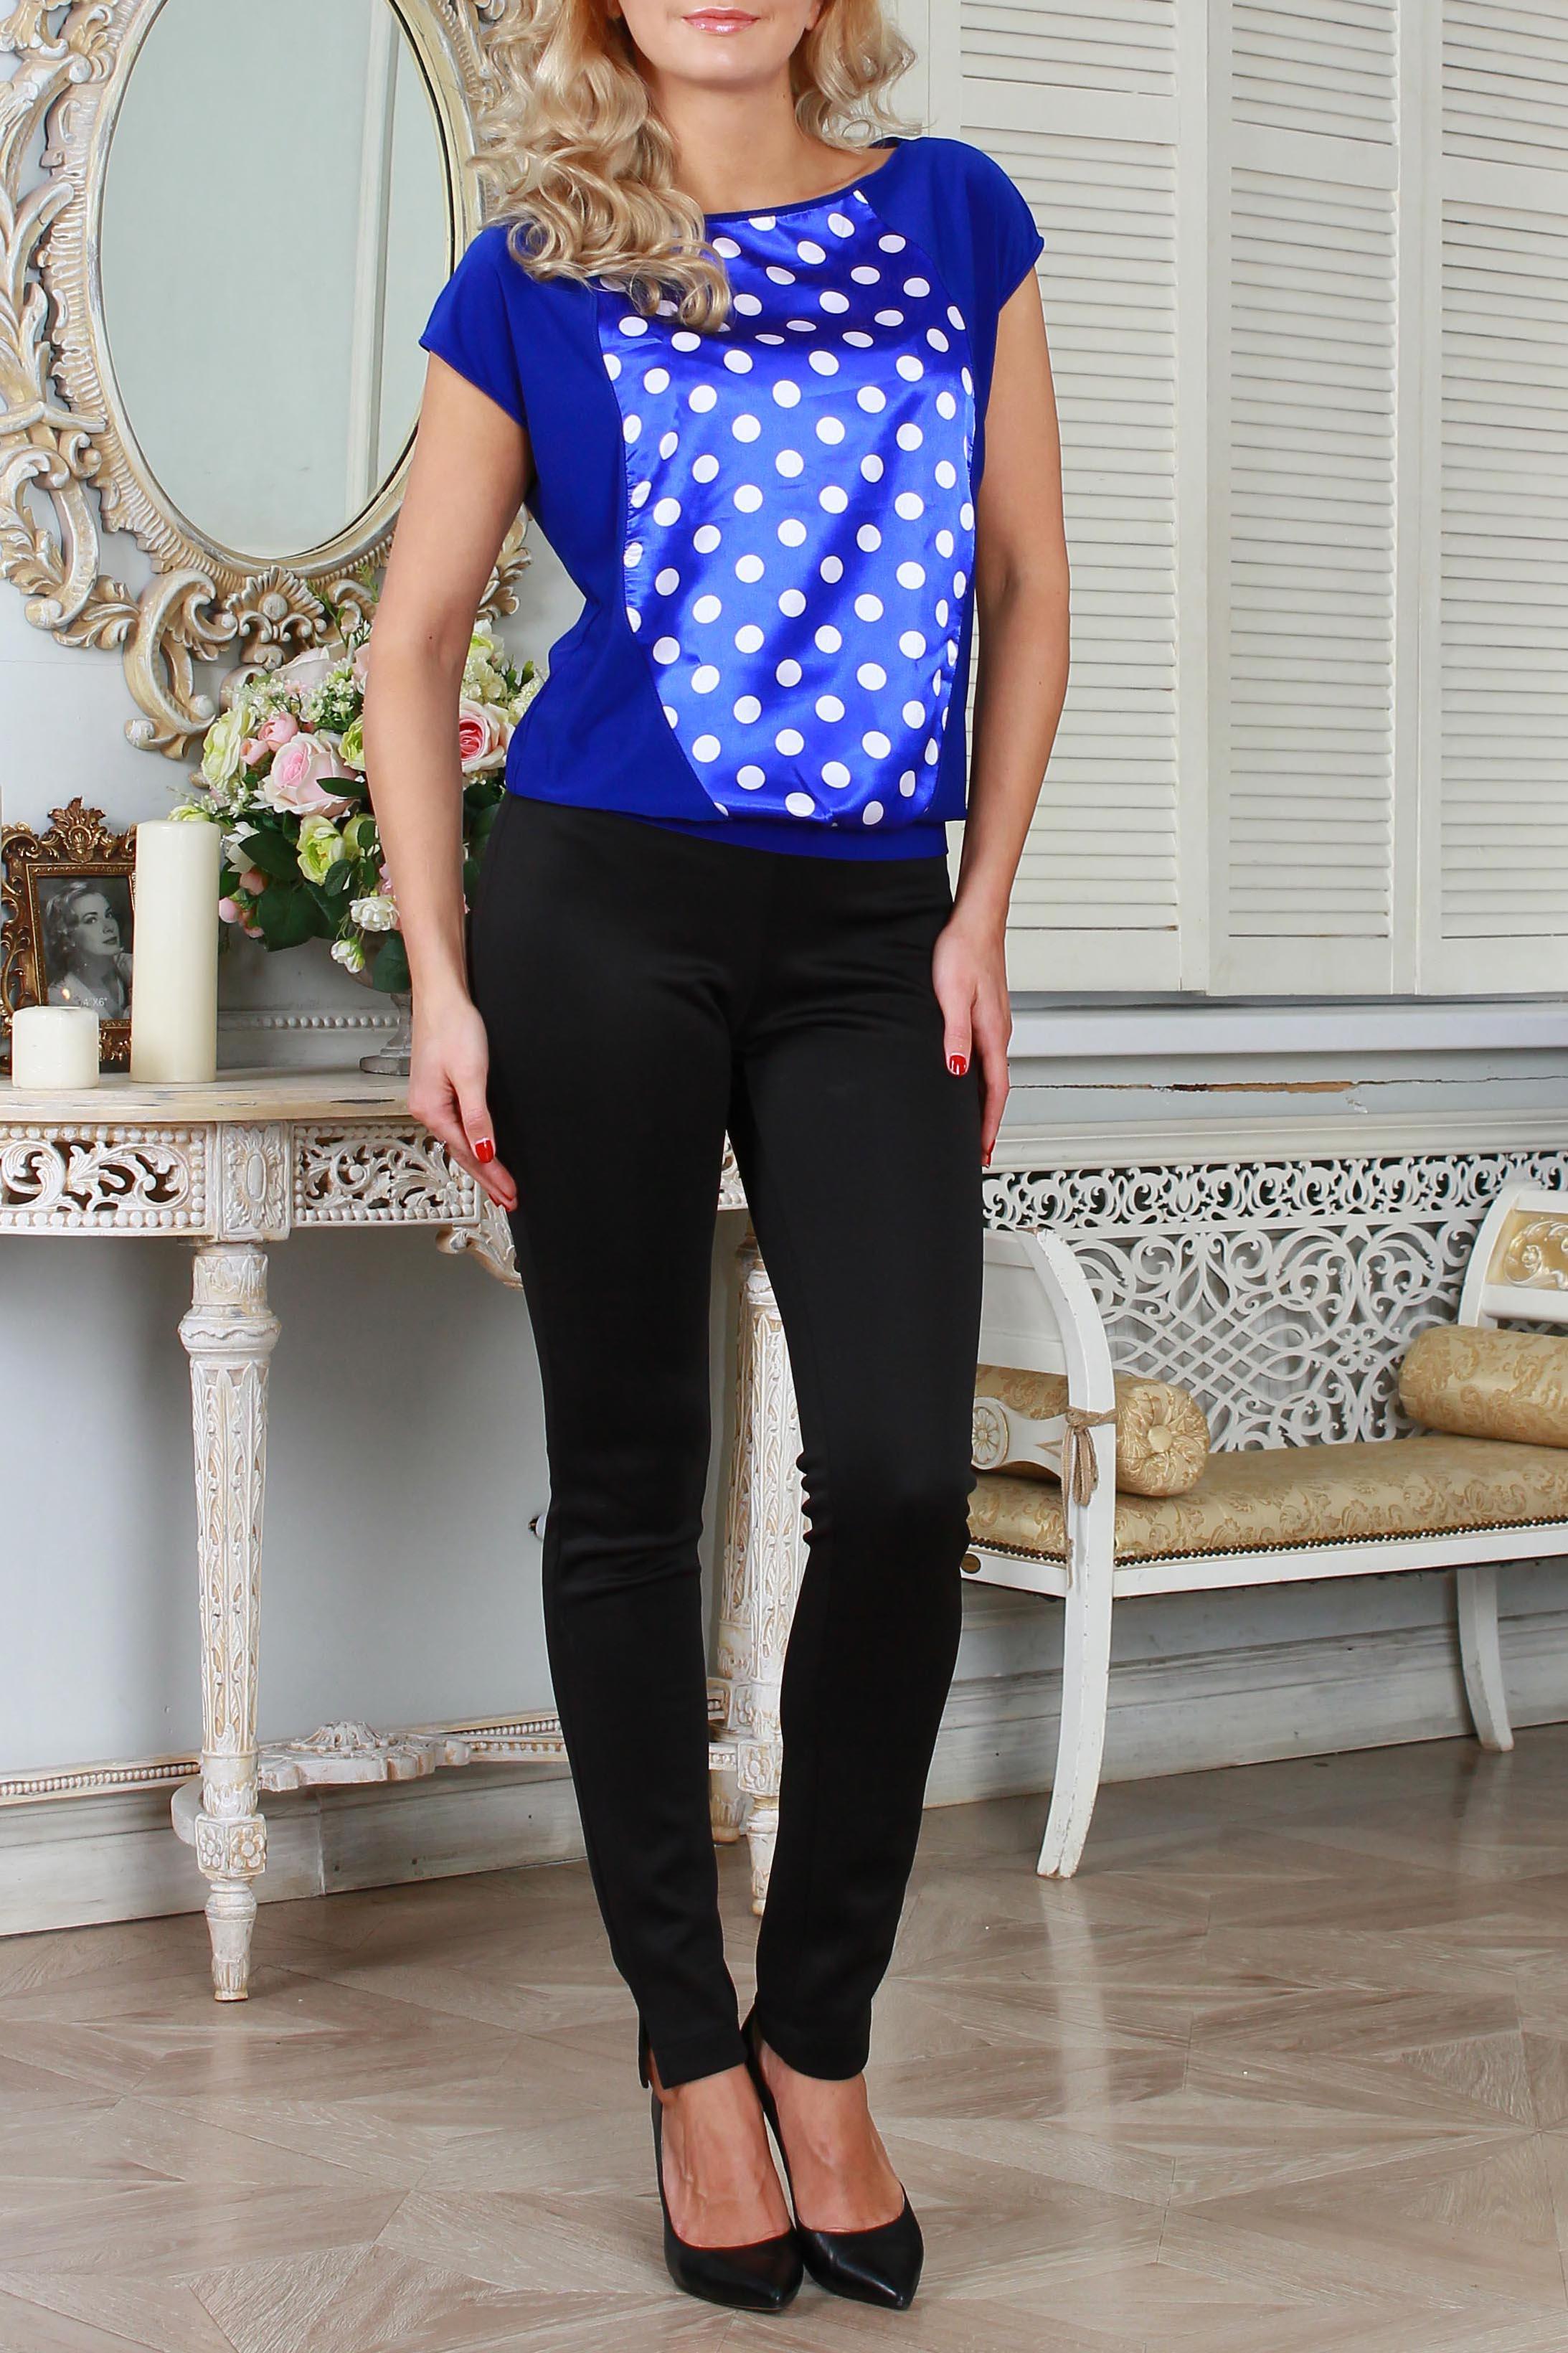 БлузкаБлузки<br>Свободная блузка на поясе из струящегося трикотажного полотна  со спущенной линией плеча, с вырезом лодочка , на полочке фигурная вставка из атласной ткани, проймы и горловина окантованы.   Длина изделия от 58 см до 63 см , в зависимости от размера.  Цвет: синий, белый  Ростовка изделия 170 см.  Параметри изделия в размере 54: Обхват груди, талии 124 см (прясой силуэт) Длина изделия по спинке 63 см.<br><br>Горловина: Лодочка<br>По материалу: Атлас,Вискоза,Трикотаж<br>По рисунку: Цветные,С принтом,В горошек<br>По сезону: Весна,Всесезон,Зима,Лето,Осень<br>По силуэту: Свободные<br>По стилю: Повседневный стиль<br>Рукав: Короткий рукав<br>Размер : 42,44<br>Материал: Холодное масло + Атлас<br>Количество в наличии: 4